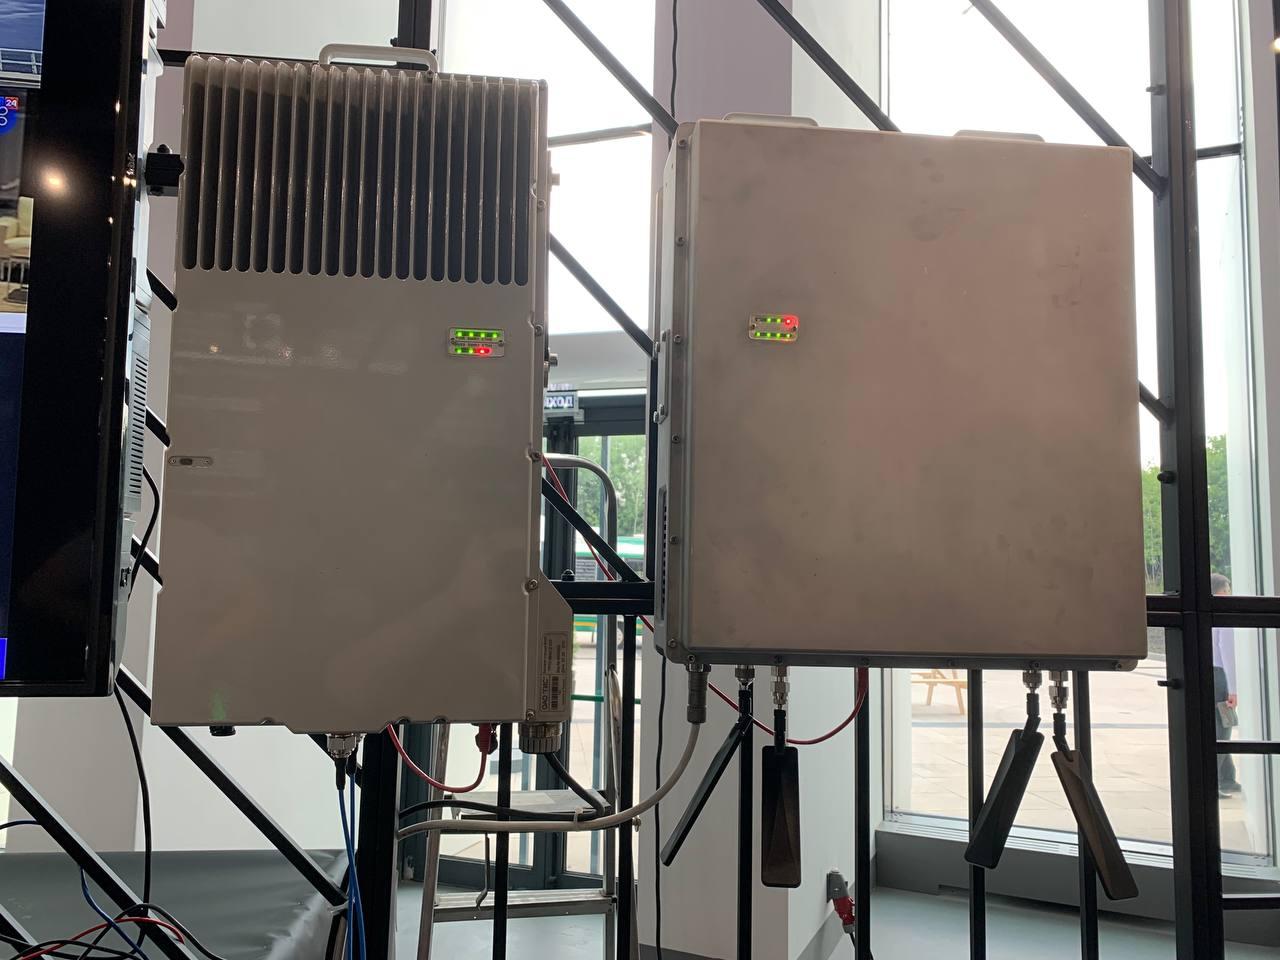 Слева - базовая станция 4G, справа - прототип базовой станции 5G (стенд Ростеха)